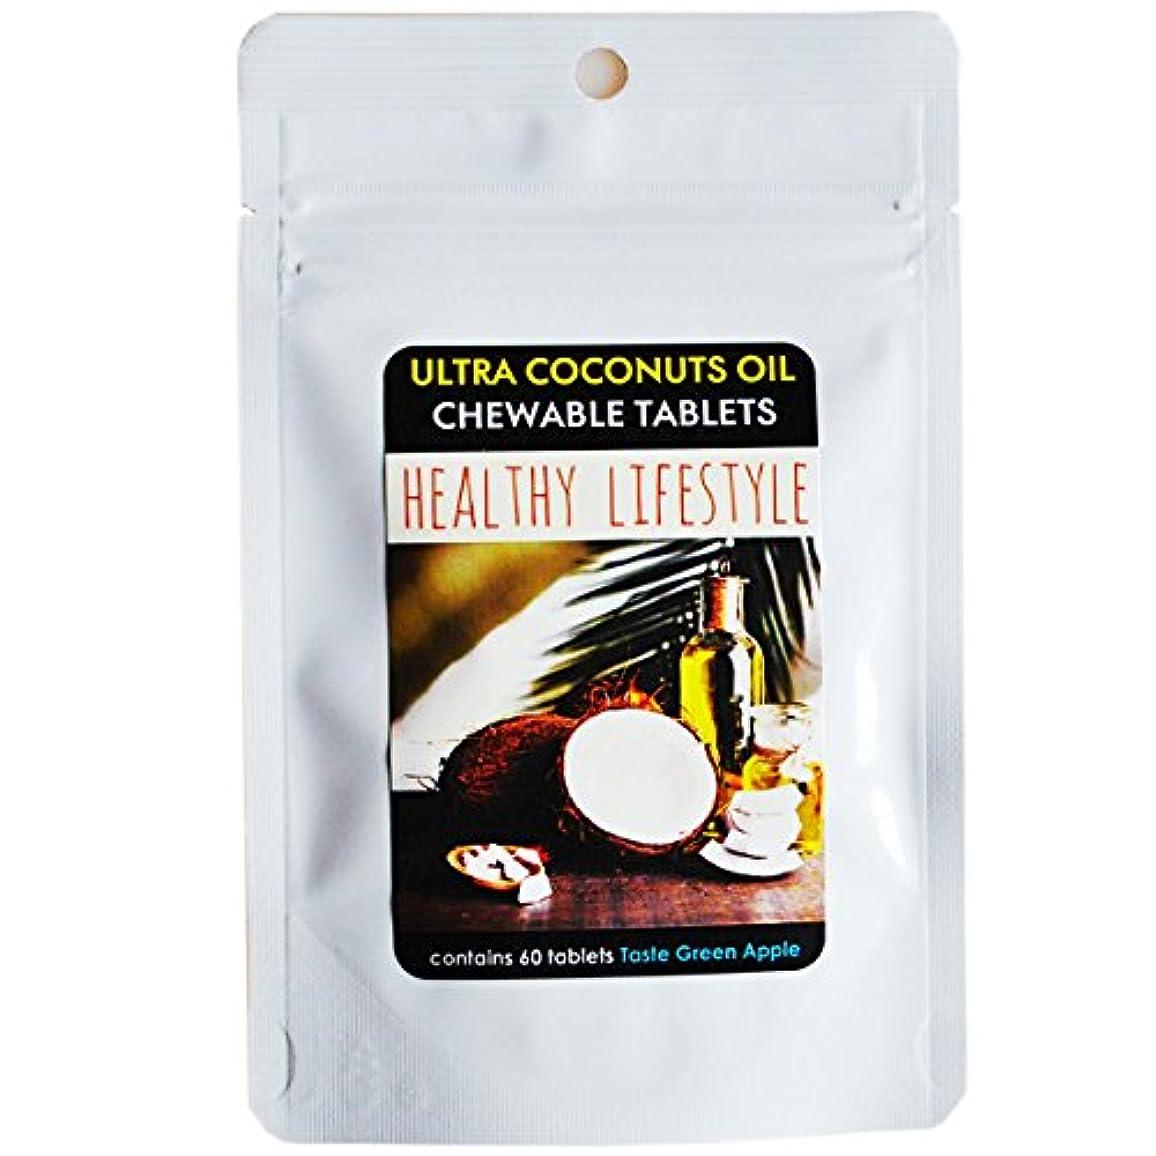 処理する旋律的無心ヴァージンココナッツオイル 濃縮 サプリメント 水なし 舐めるタイプ 青りんご味 200種 酵素 ギムネマ by ウルトラココナッツオイル